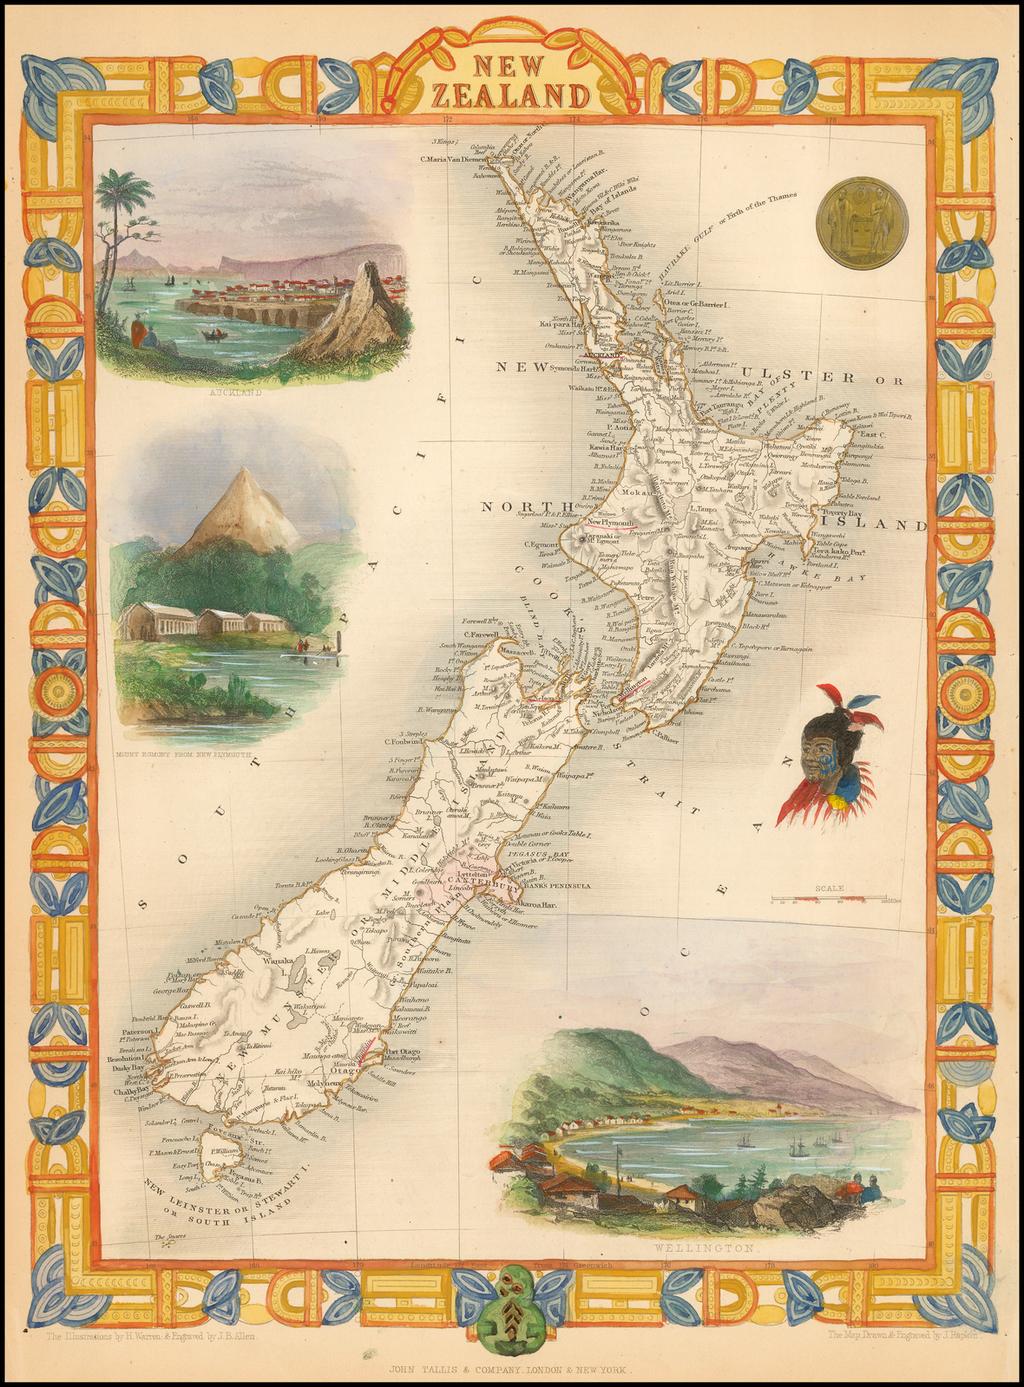 New Zealand By John Tallis